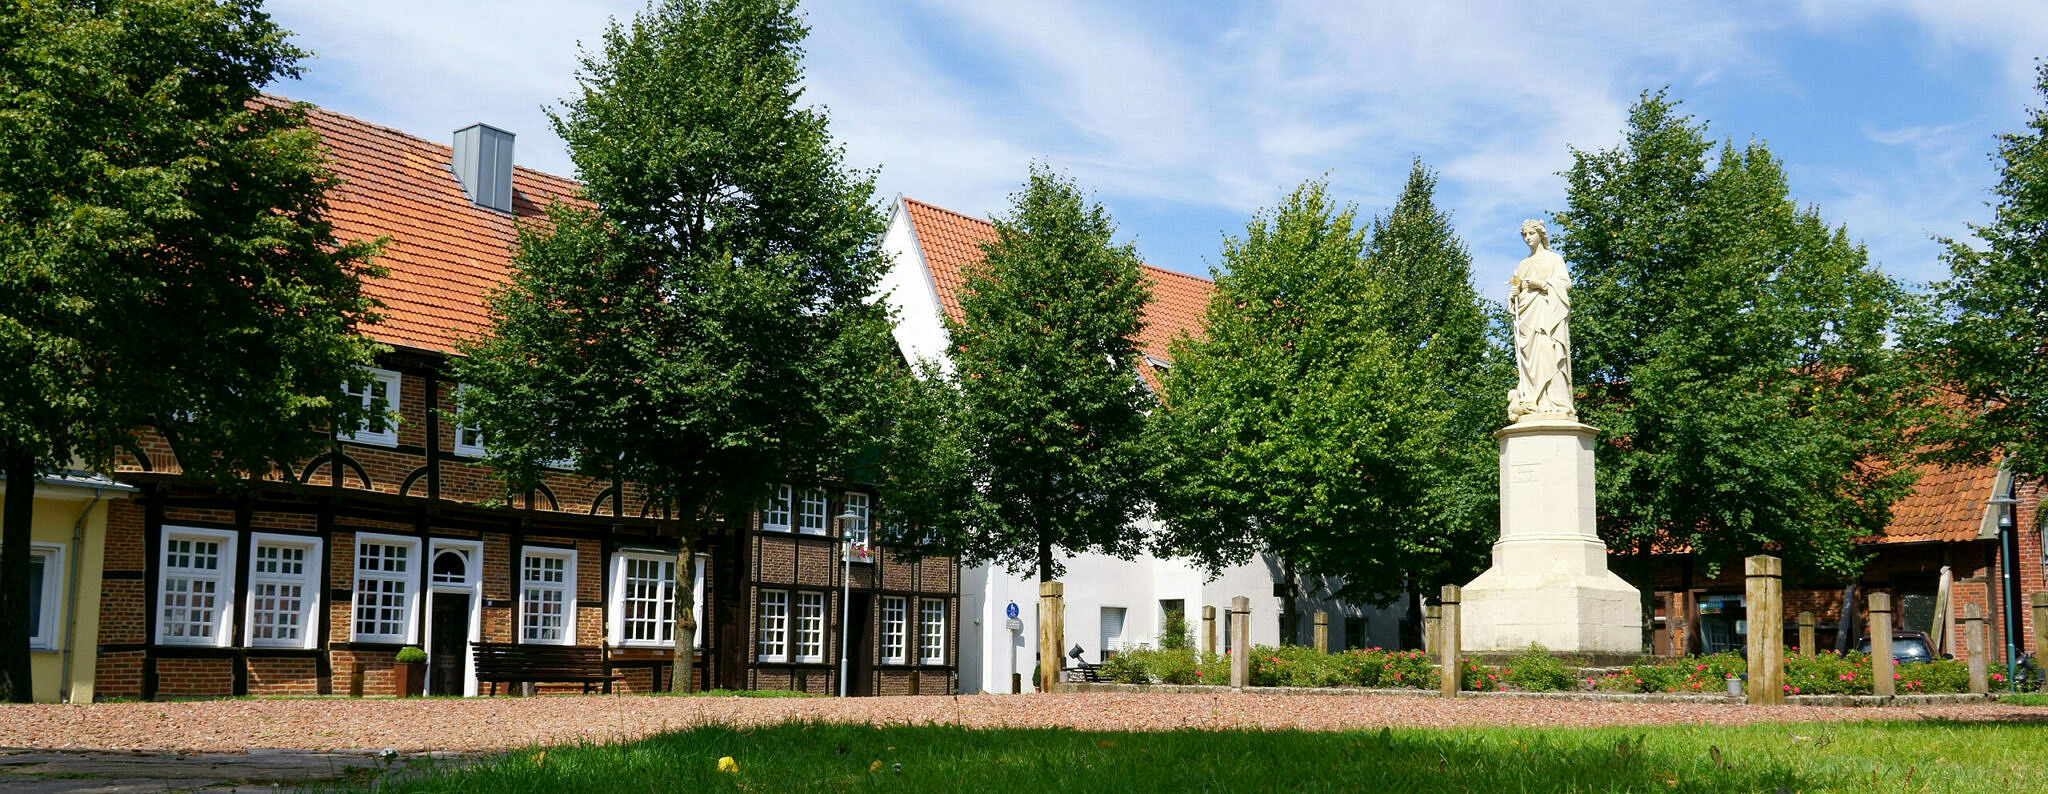 Referenzbericht Stadt Ennigerloh / Nordrhein-Westfalen